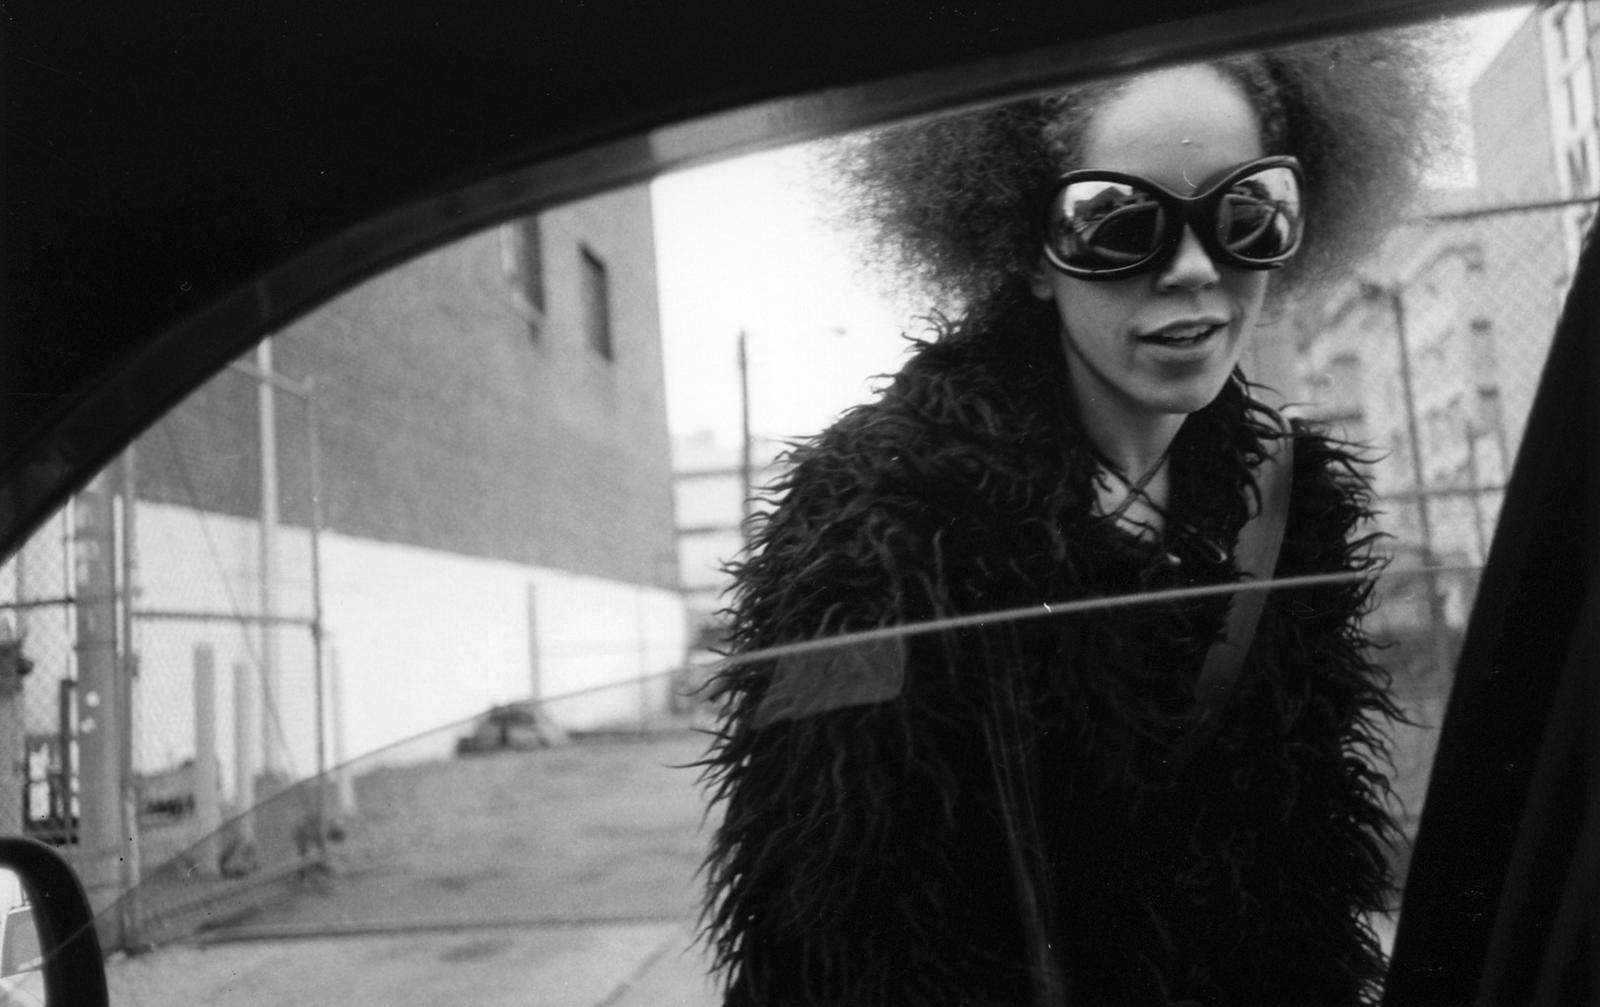 Suốt 30 năm, người tài xế taxi New York cần mẫn chụp ảnh và cho ra đời những tác phẩm kinh ngạc - Ảnh 10.